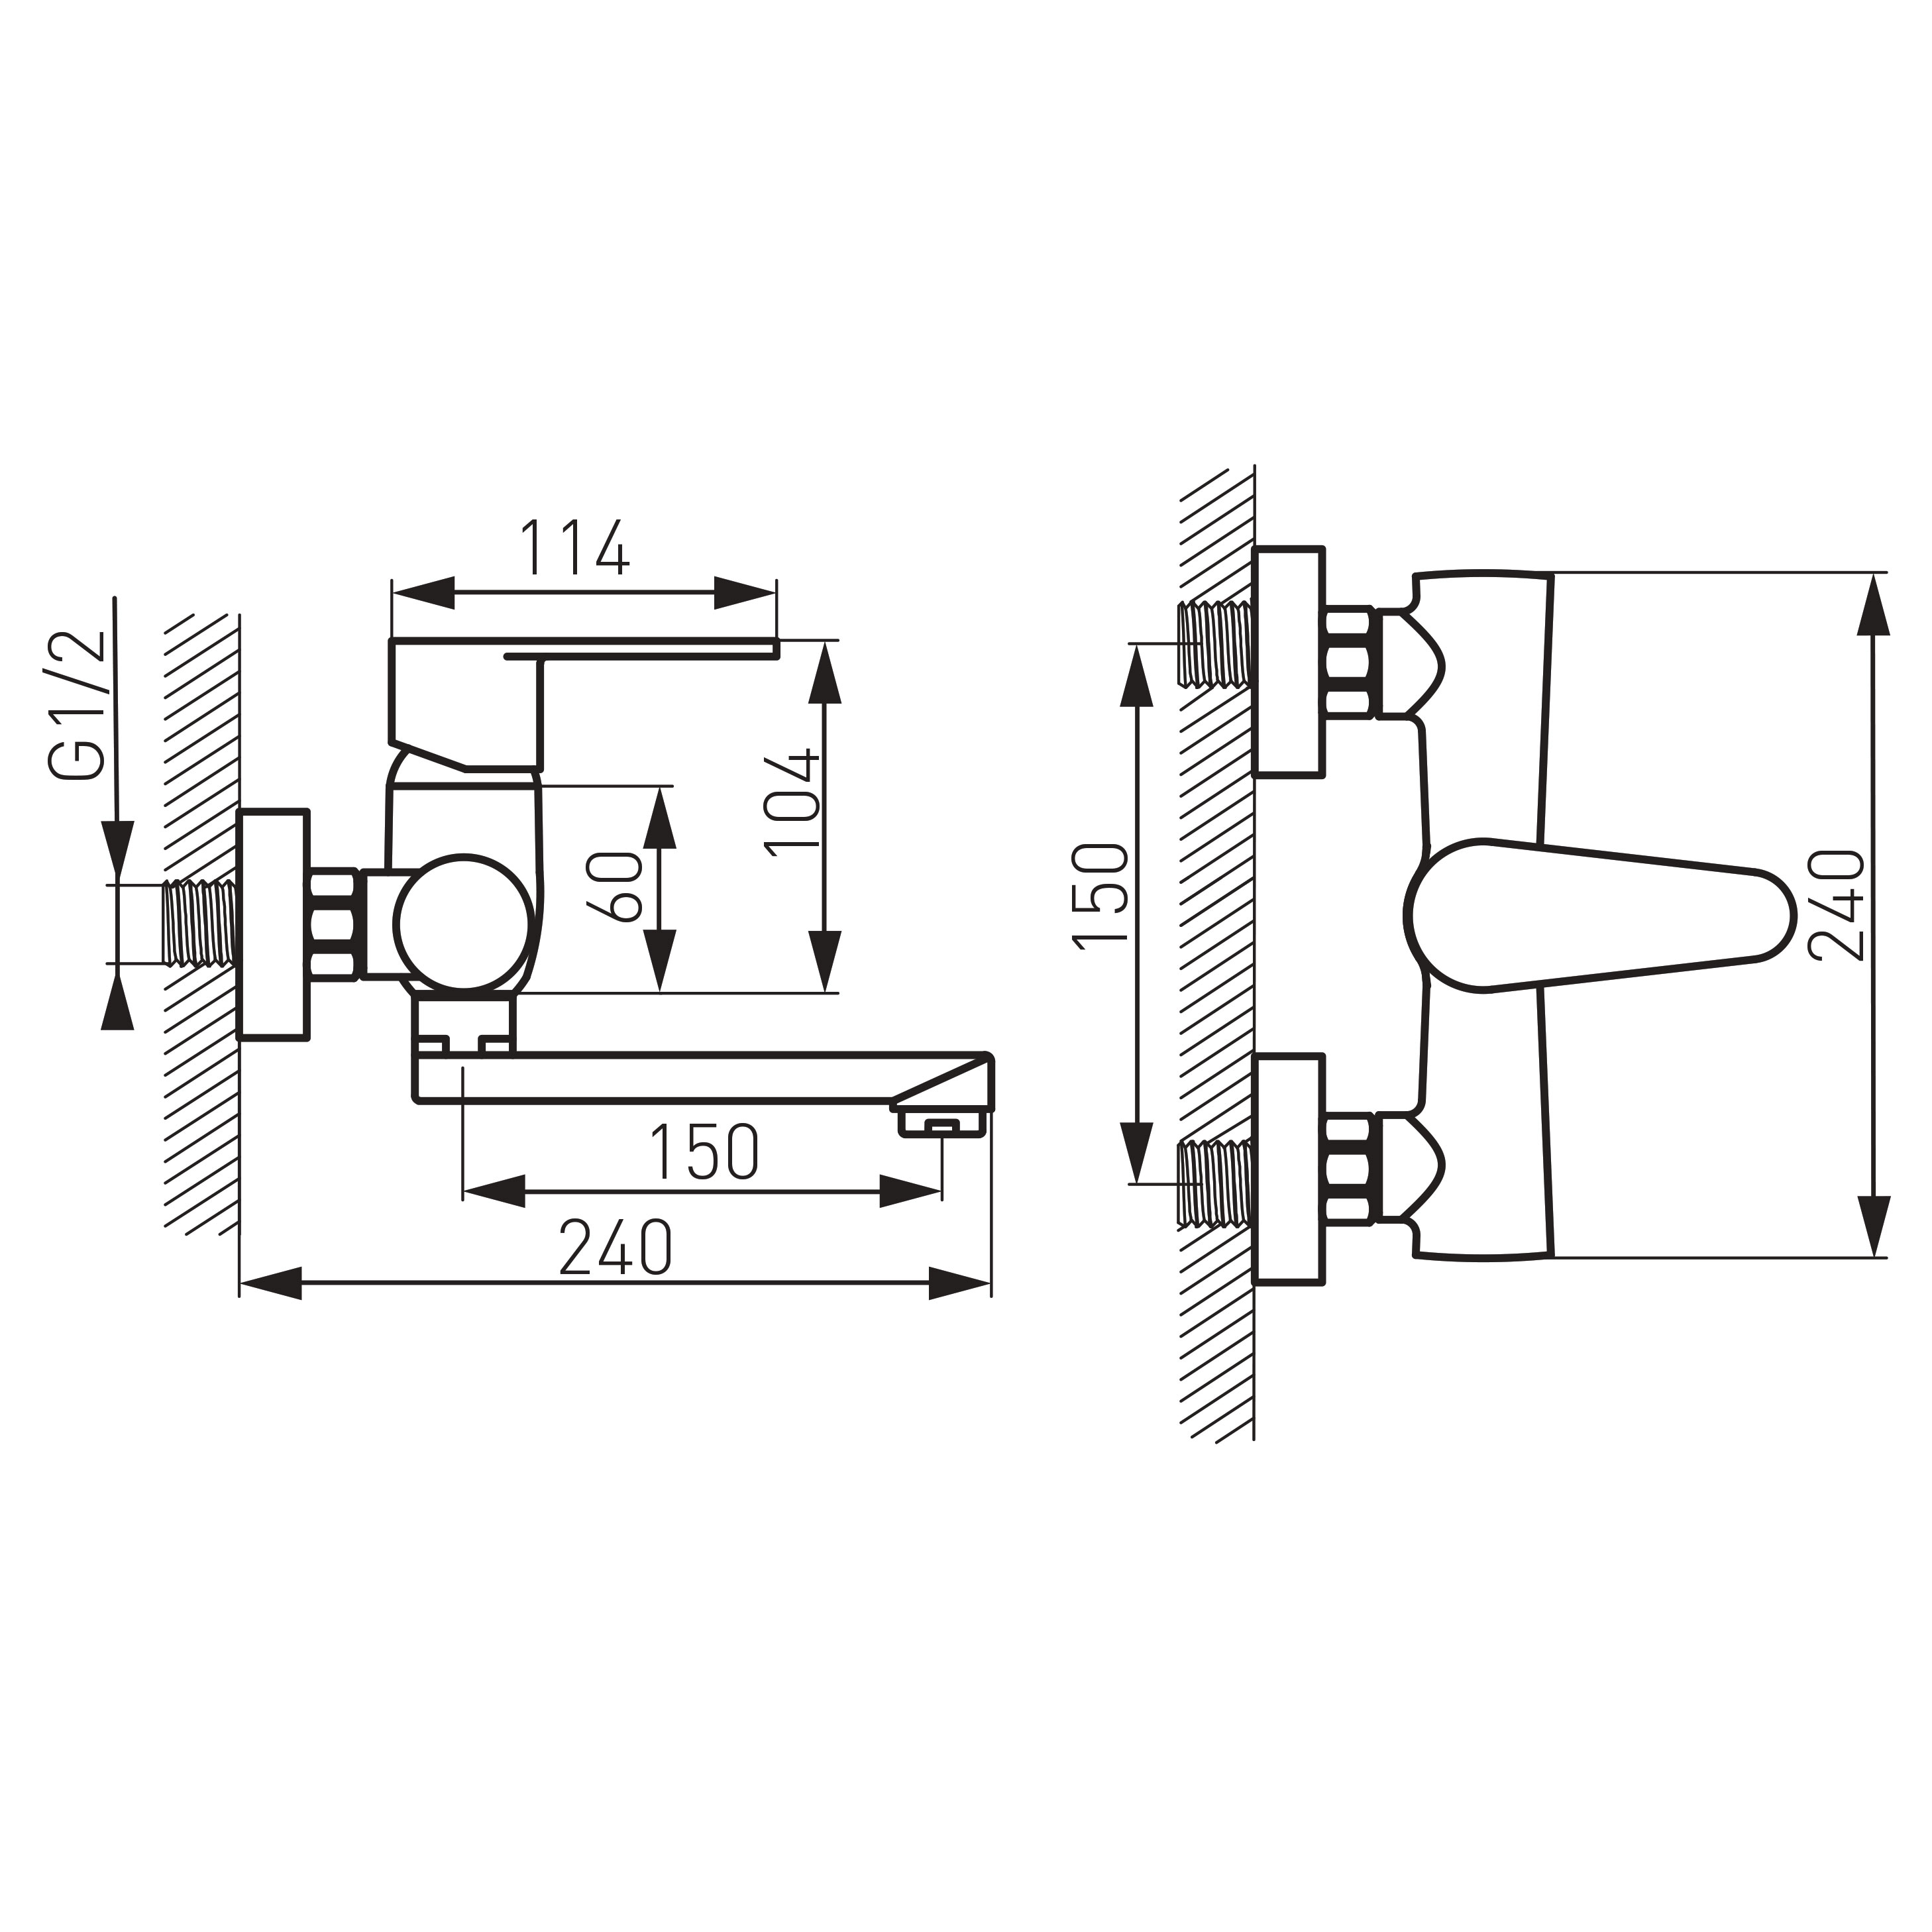 Ferro Algeo BAG3 Fali mosdó csaptelep alsó kifolyással műszaki adatlap